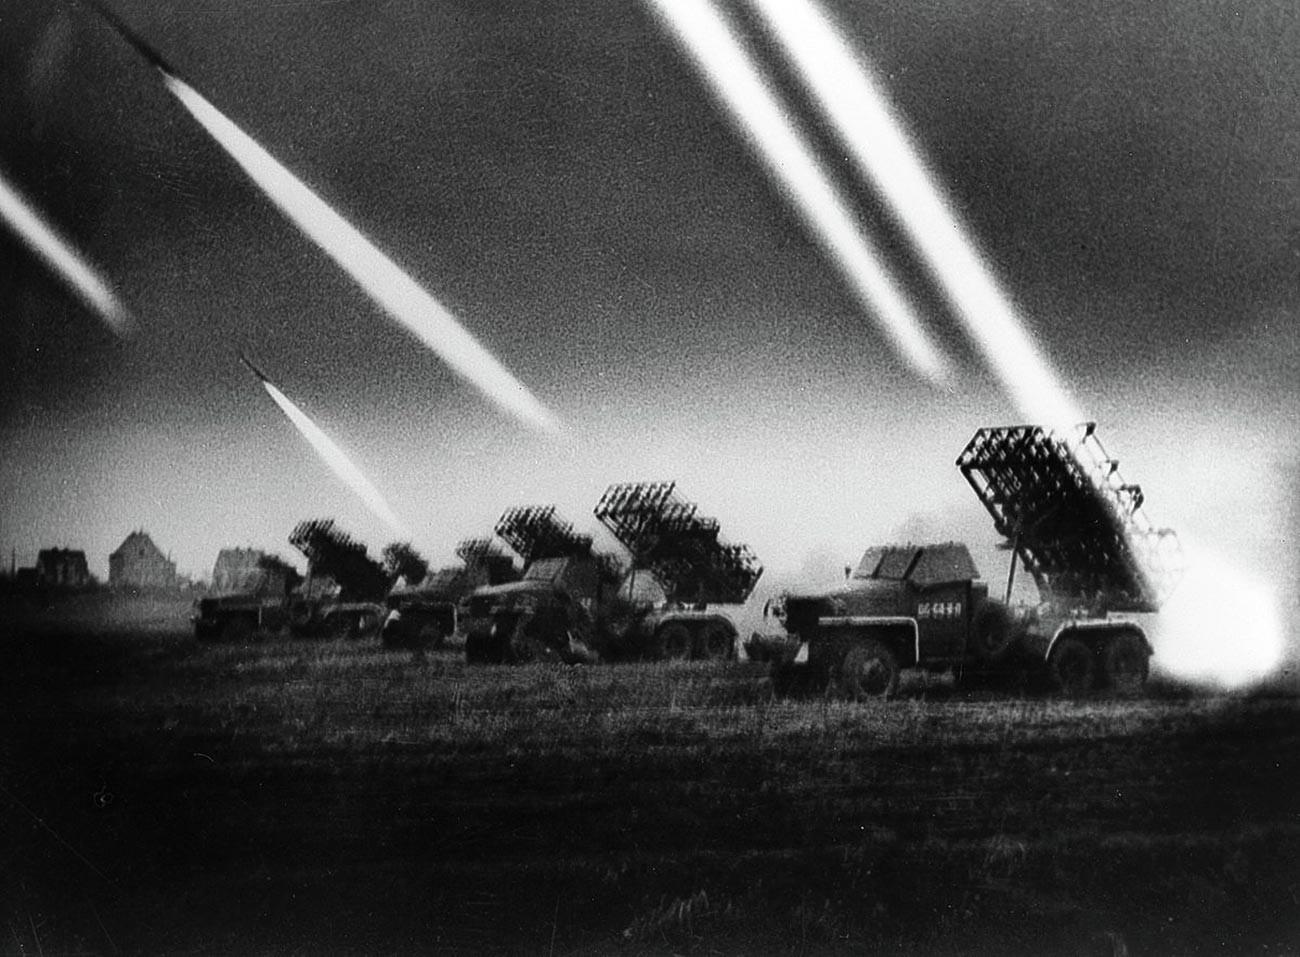 Lanzadores de cohetes Katiusha en acción.